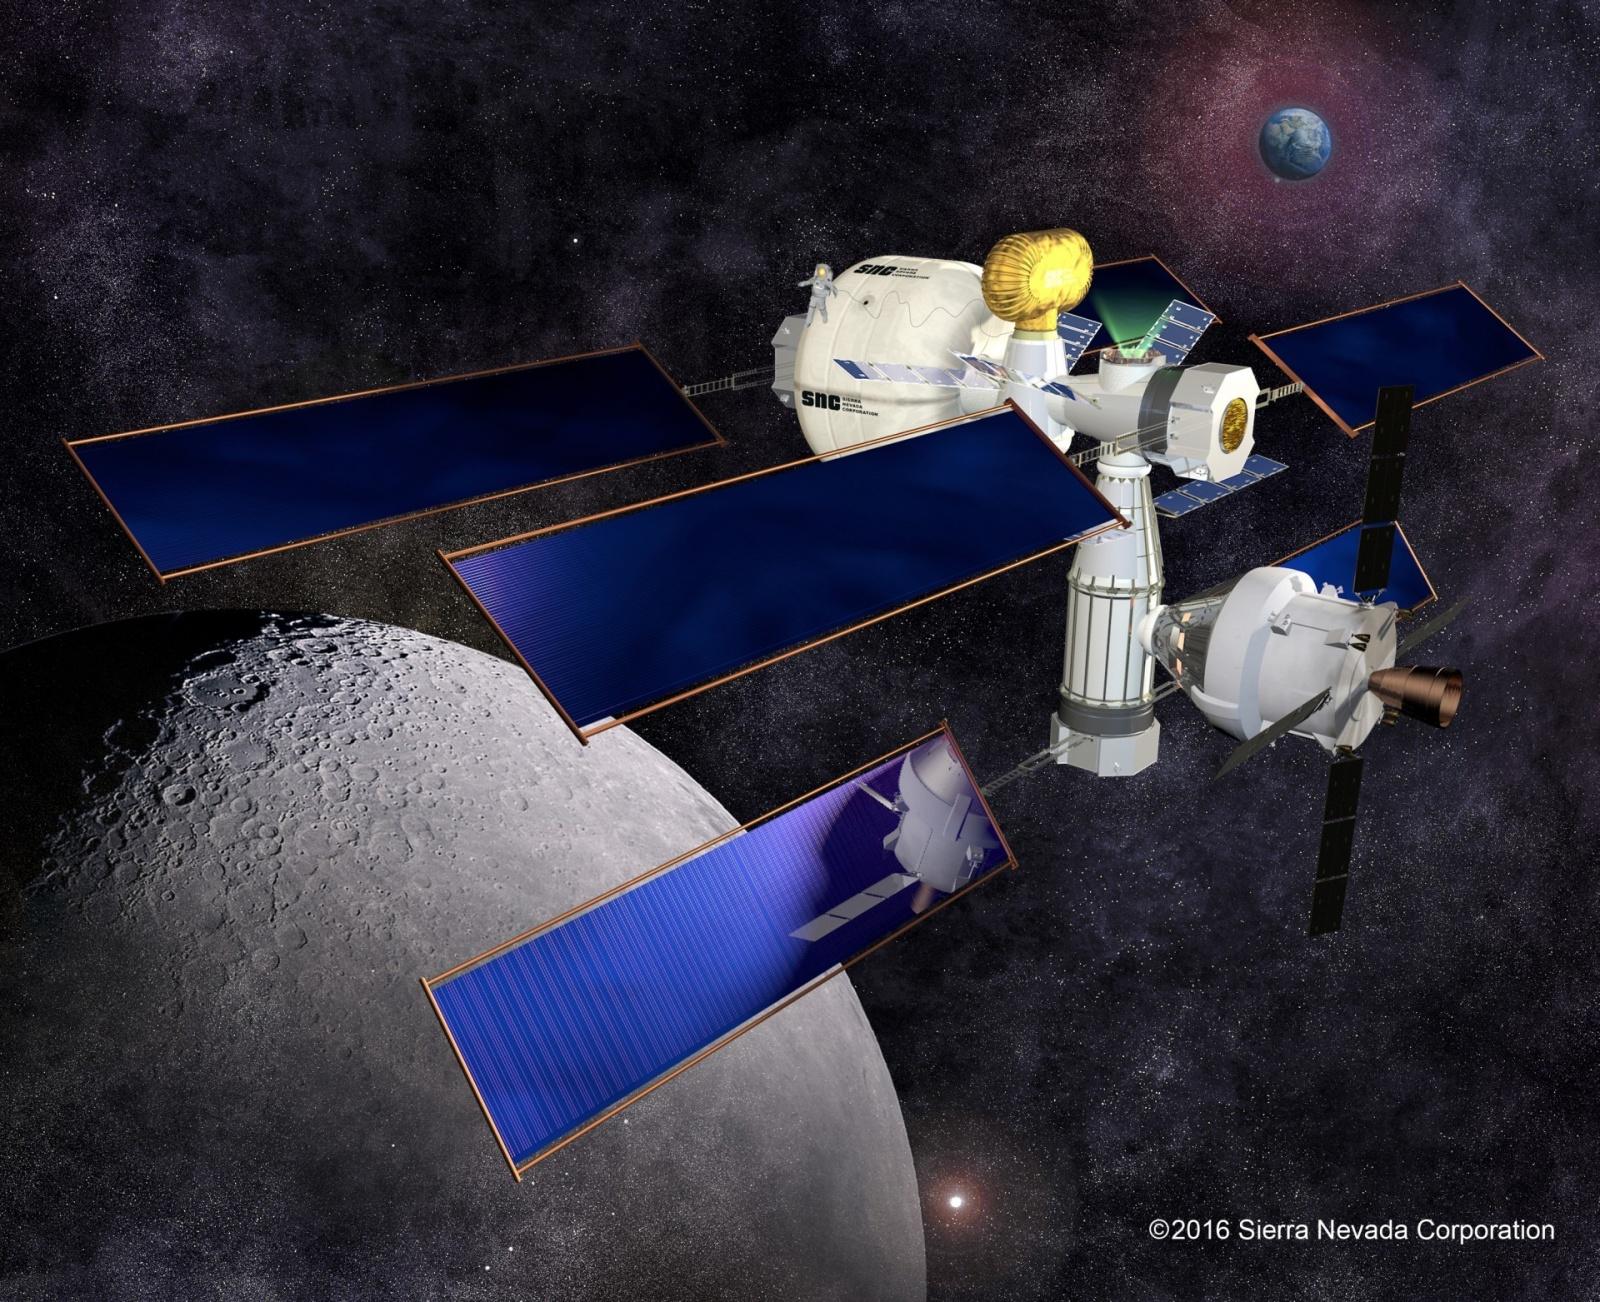 НАСА выбрало подрядчиков для разработки жилья в дальнем космосе - 7